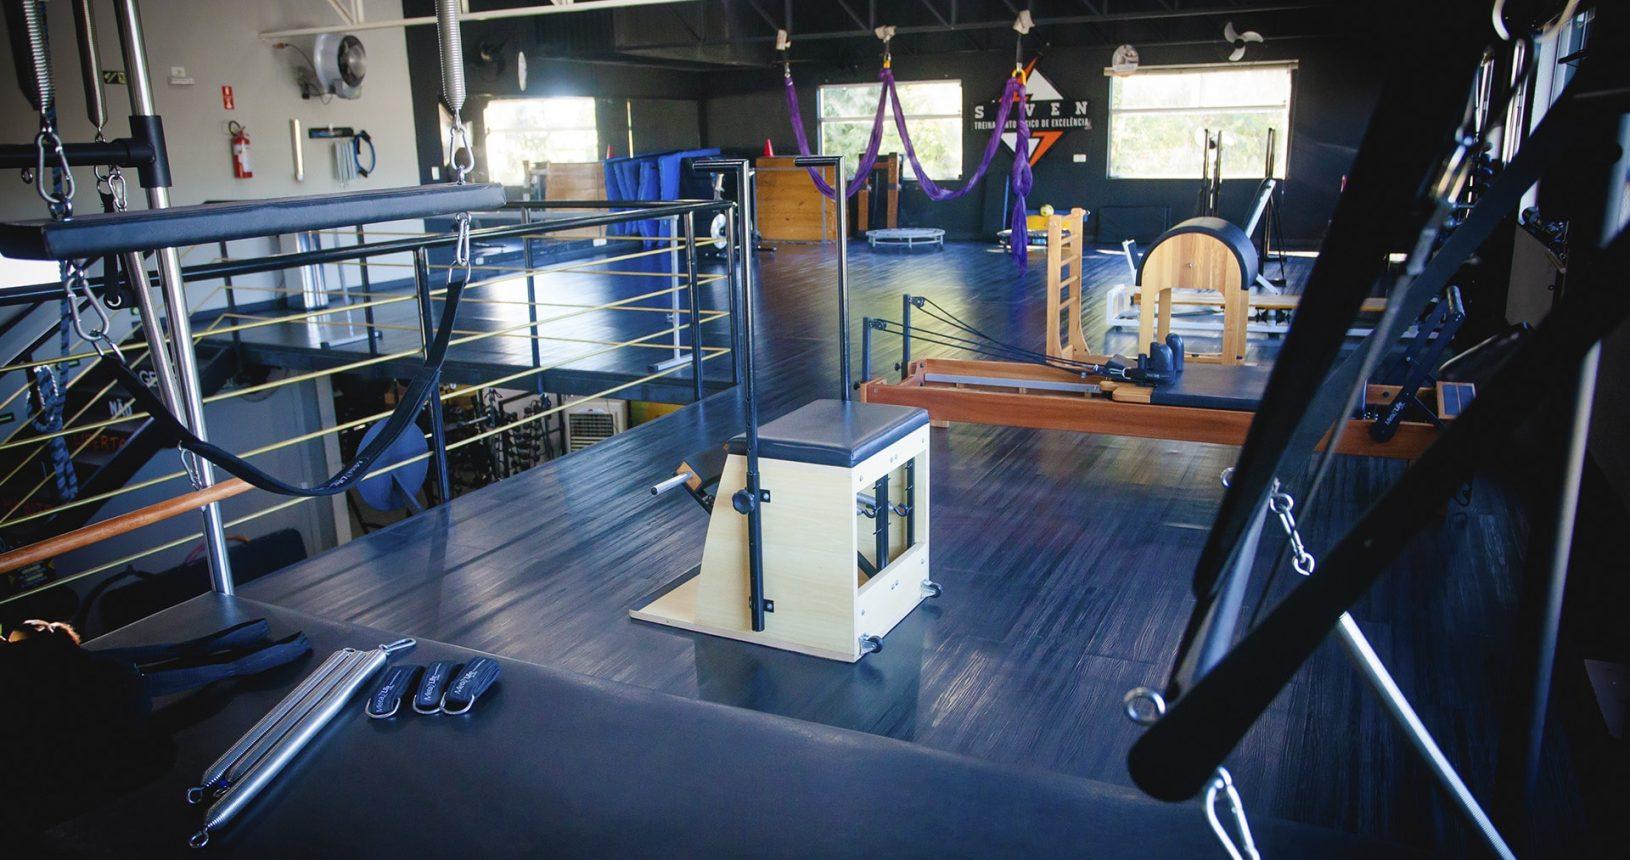 seven-academia-em-paulinia-centro-de-bem-estar-pilates-min